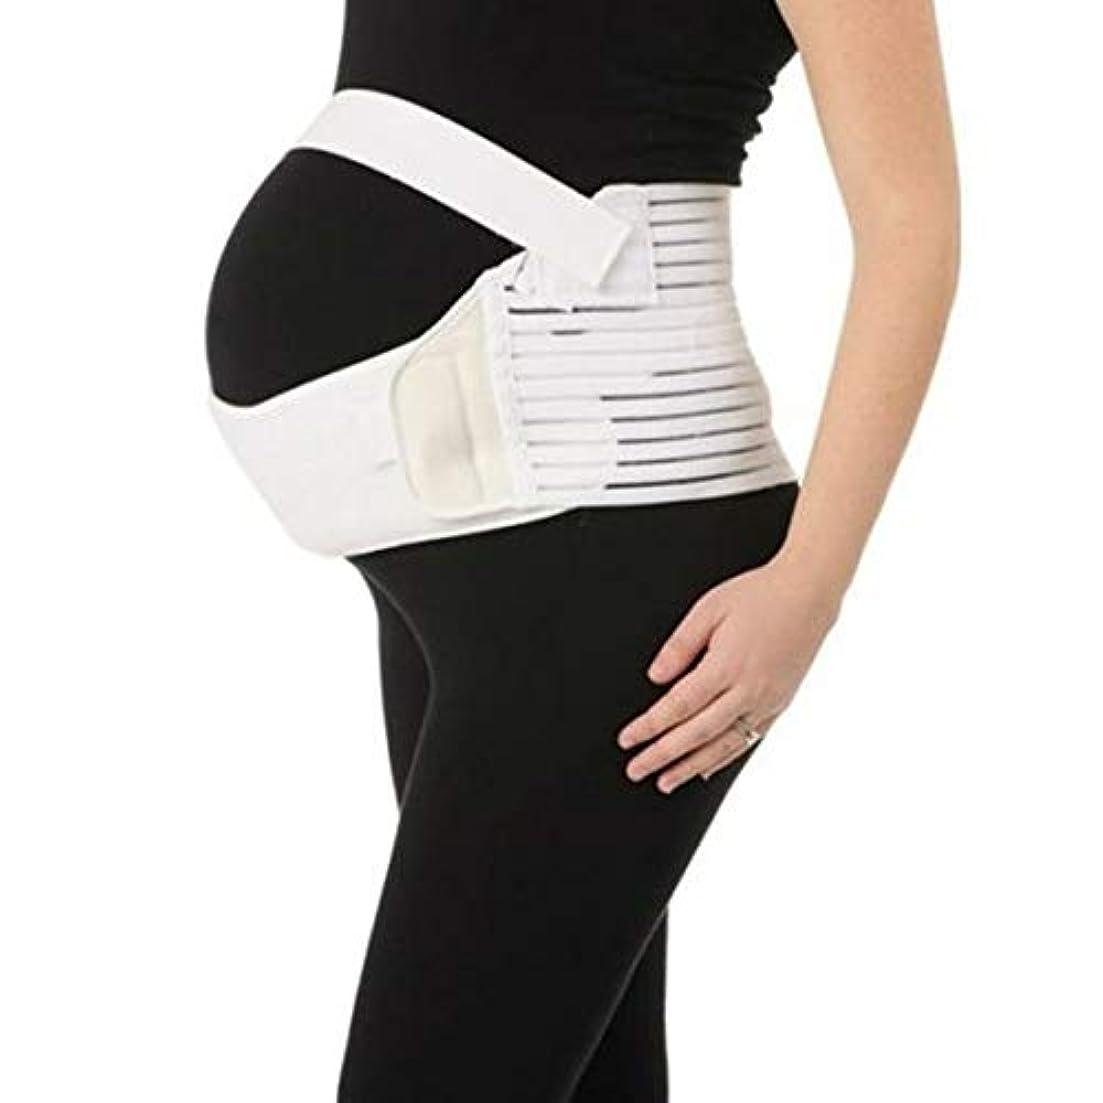 報酬の要塞祈り通気性産科ベルト妊娠腹部サポート腹部バインダーガードル運動包帯産後の回復形状ウェア - ホワイトM